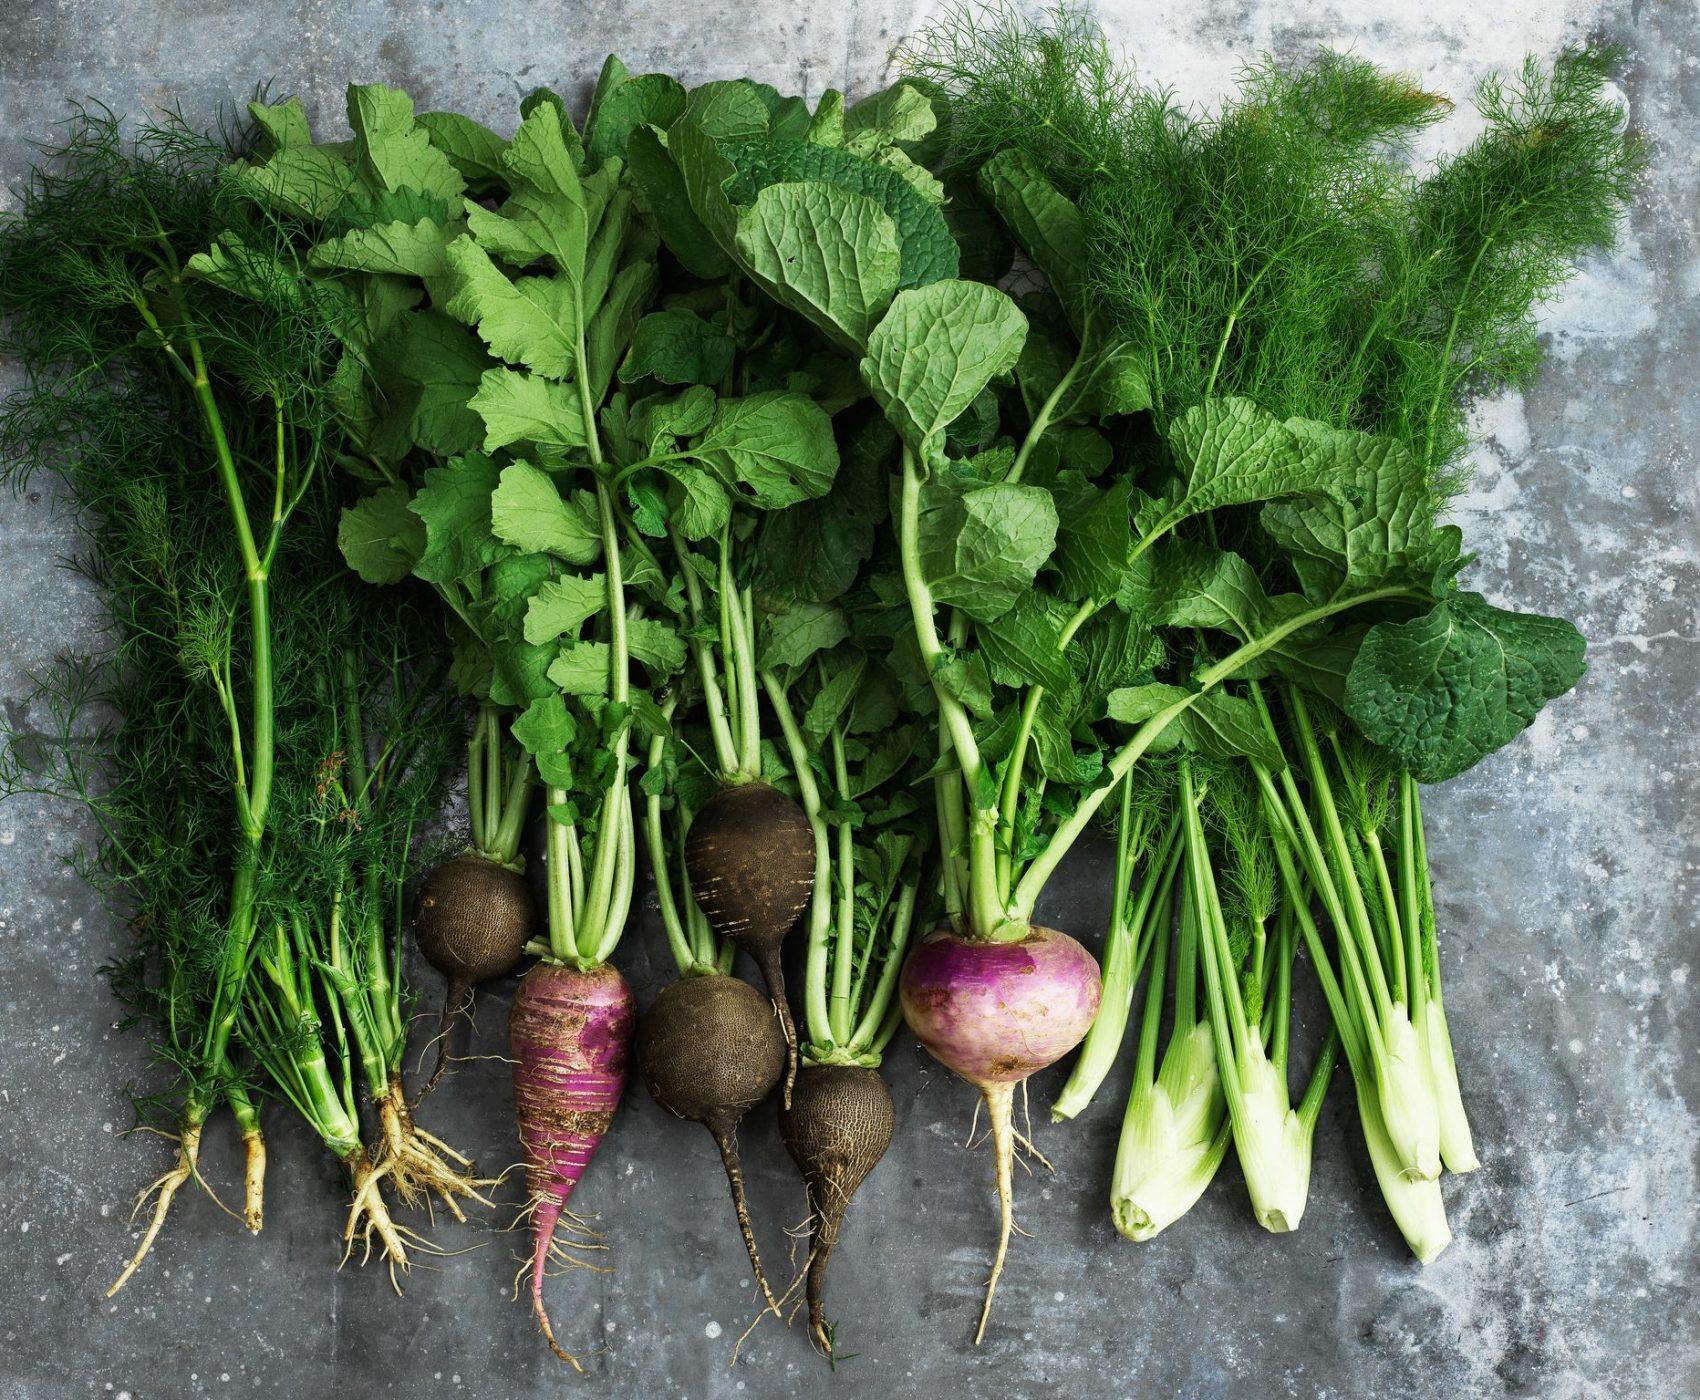 Rodfrugter, dild, radisser, rødbeder og fennikel